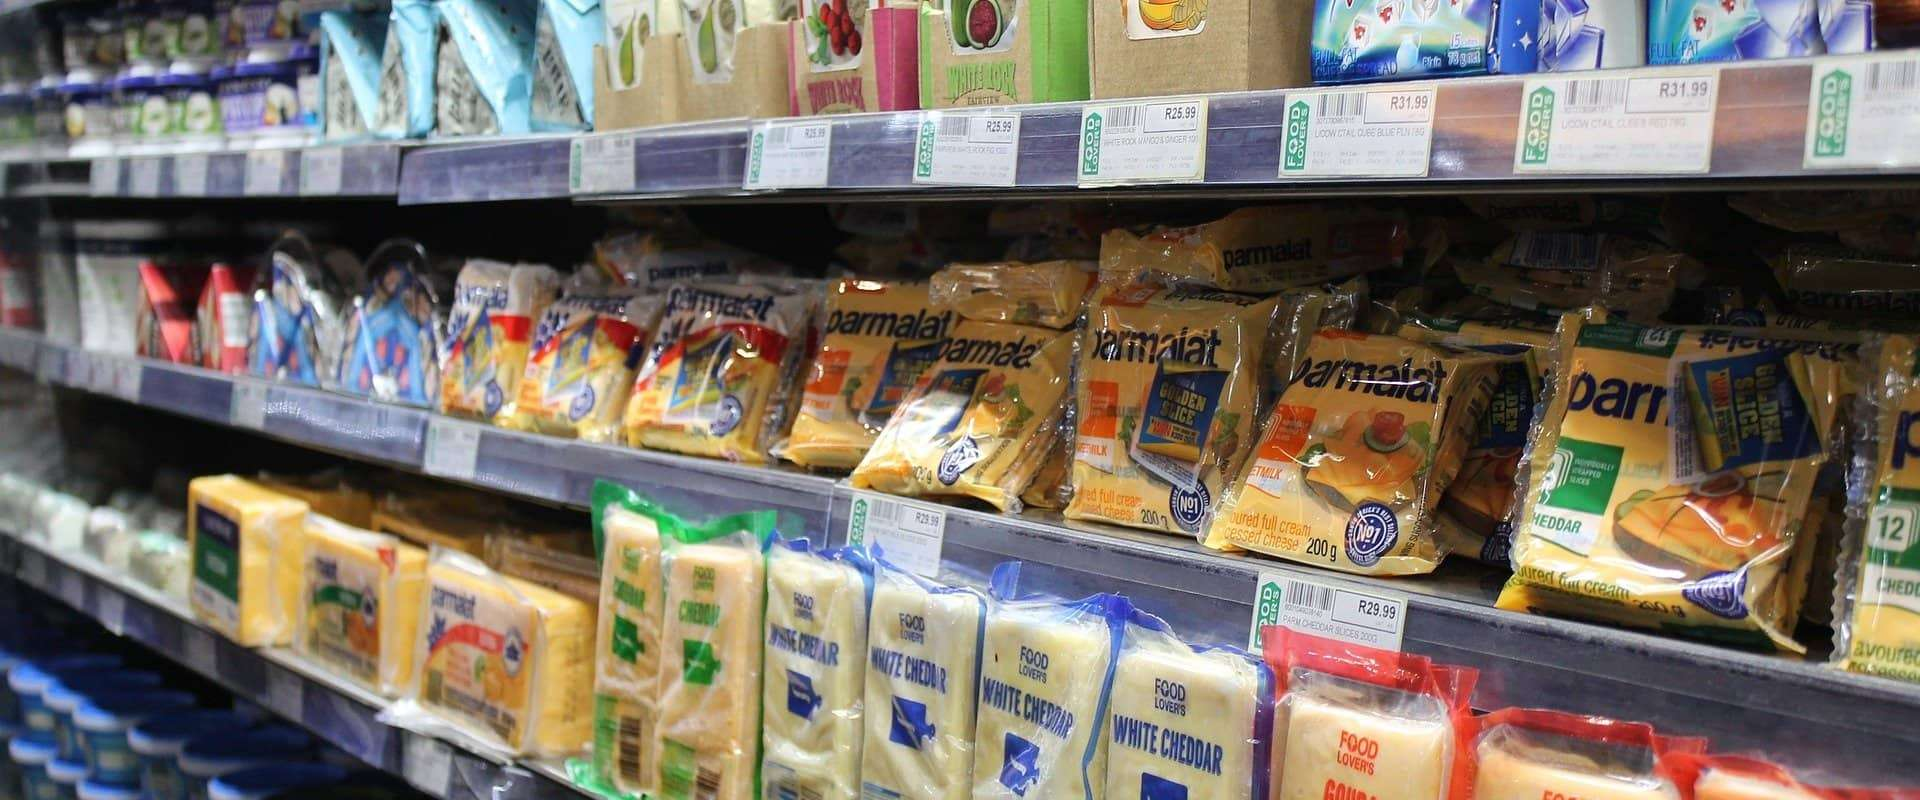 Effektvolle Lagerlogistik für Kühlhäuser im Lebensmittelhandel